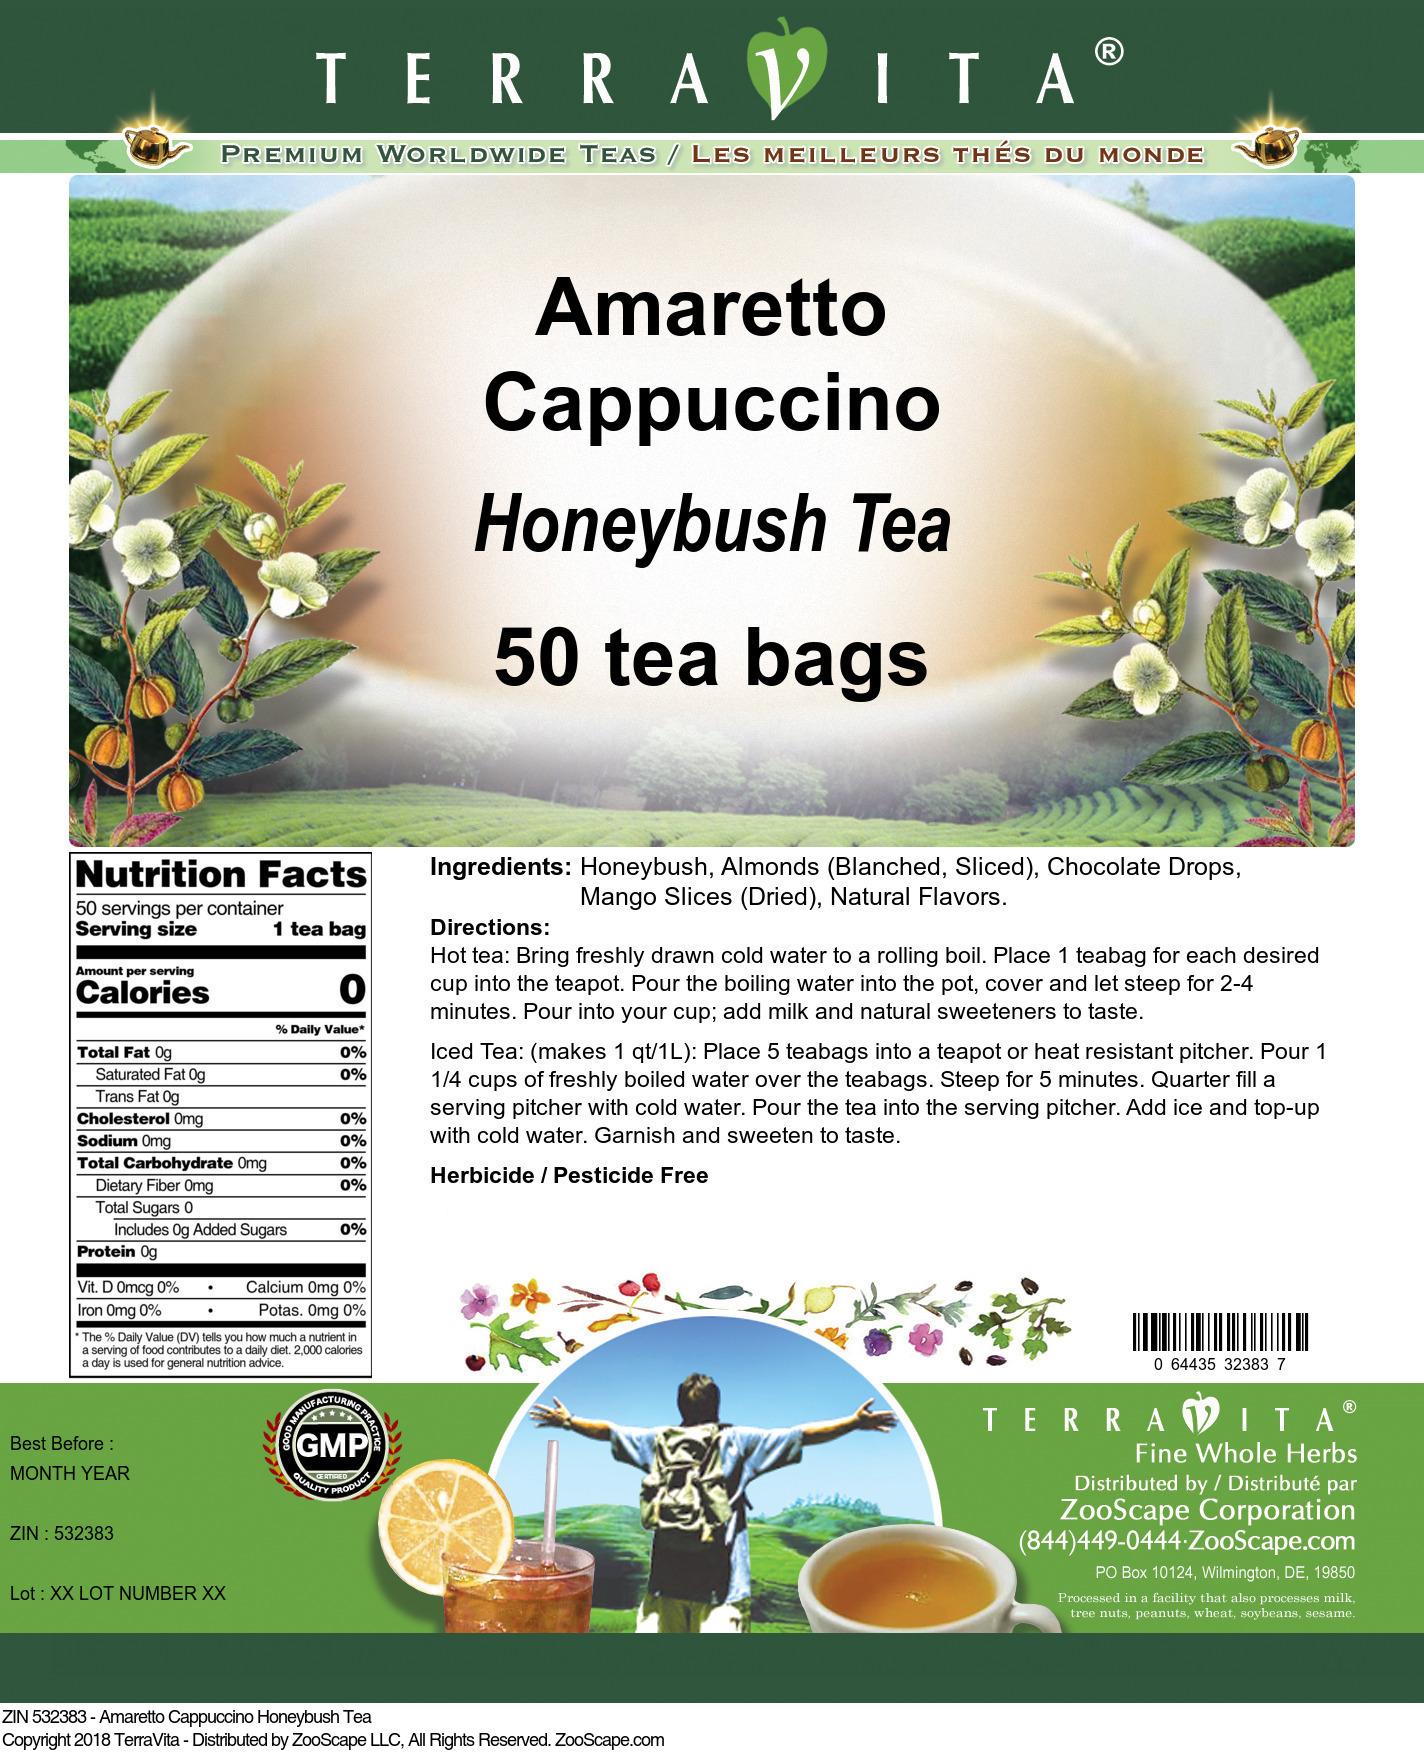 Amaretto Cappuccino Honeybush Tea